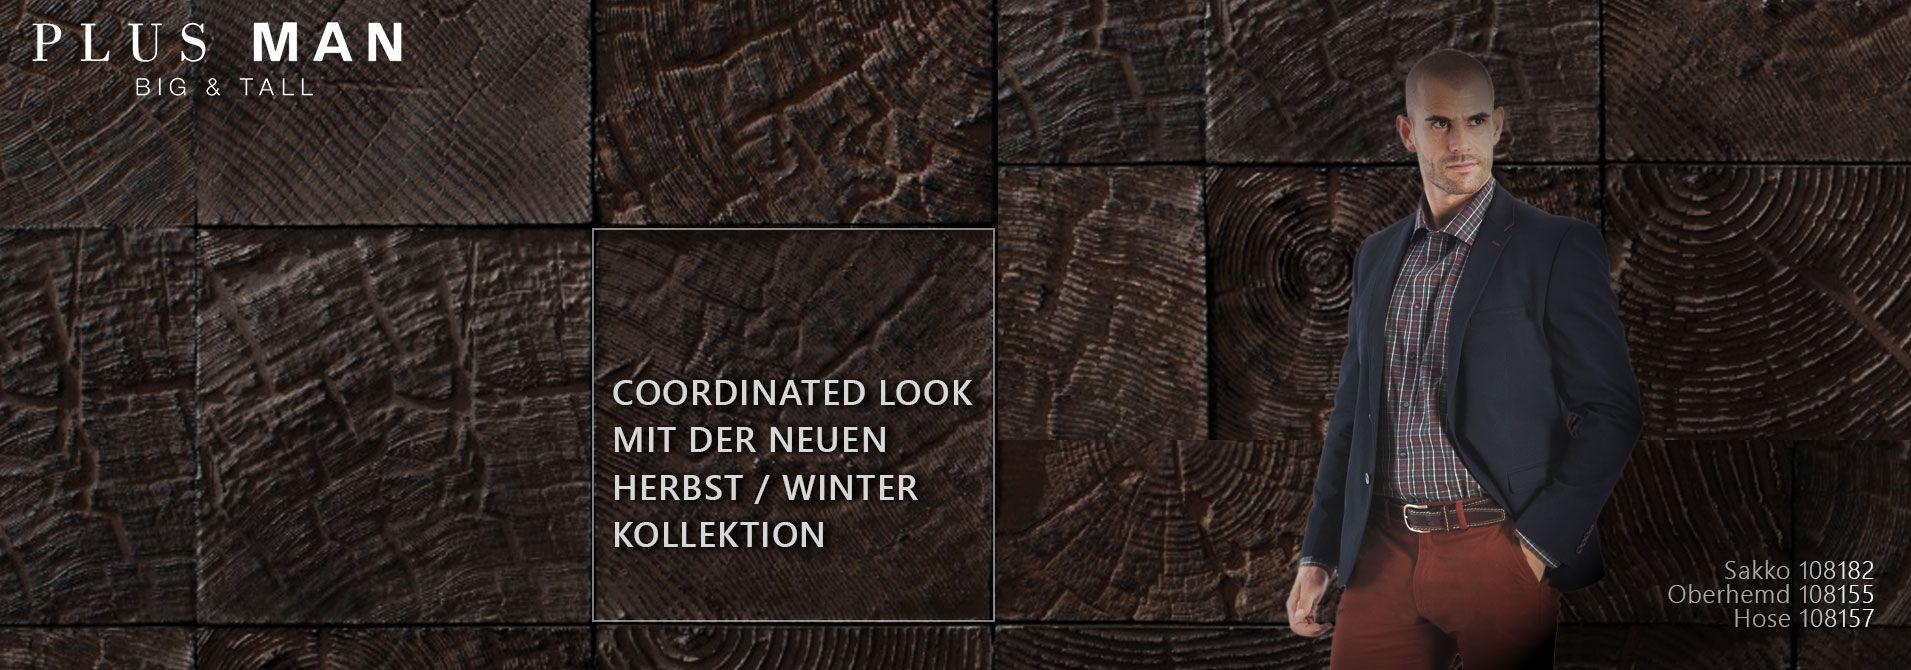 Herbst / Winterkollektion große Größen Herrenbekleidung